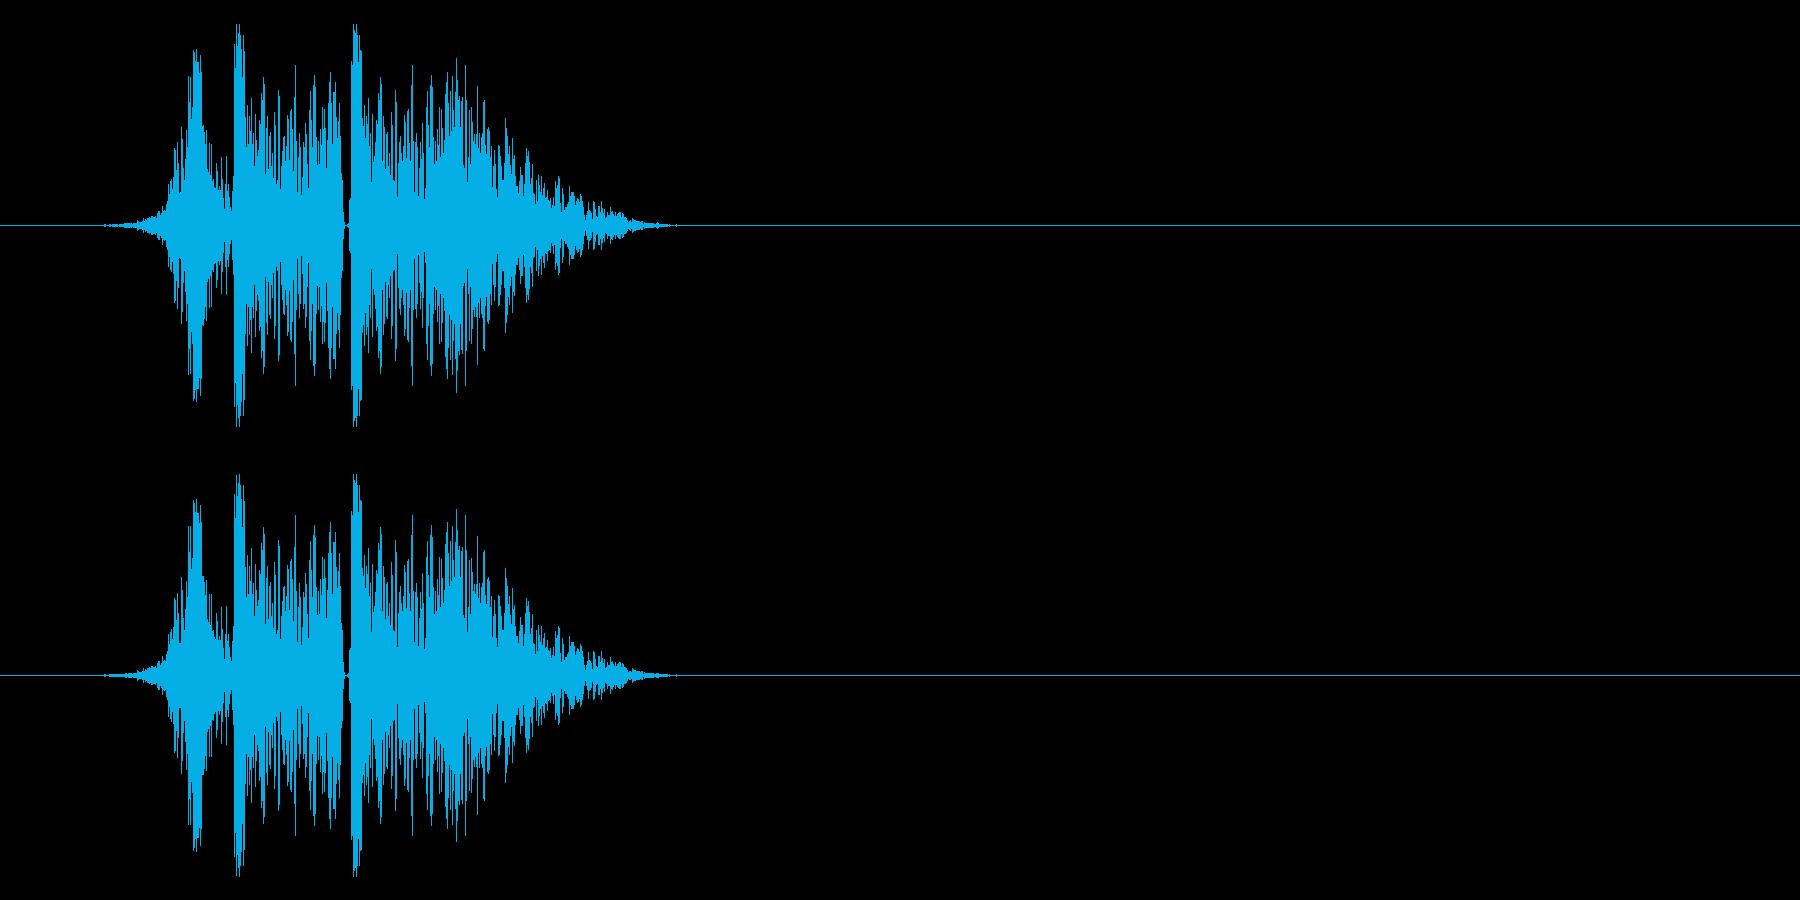 打撃09-4の再生済みの波形